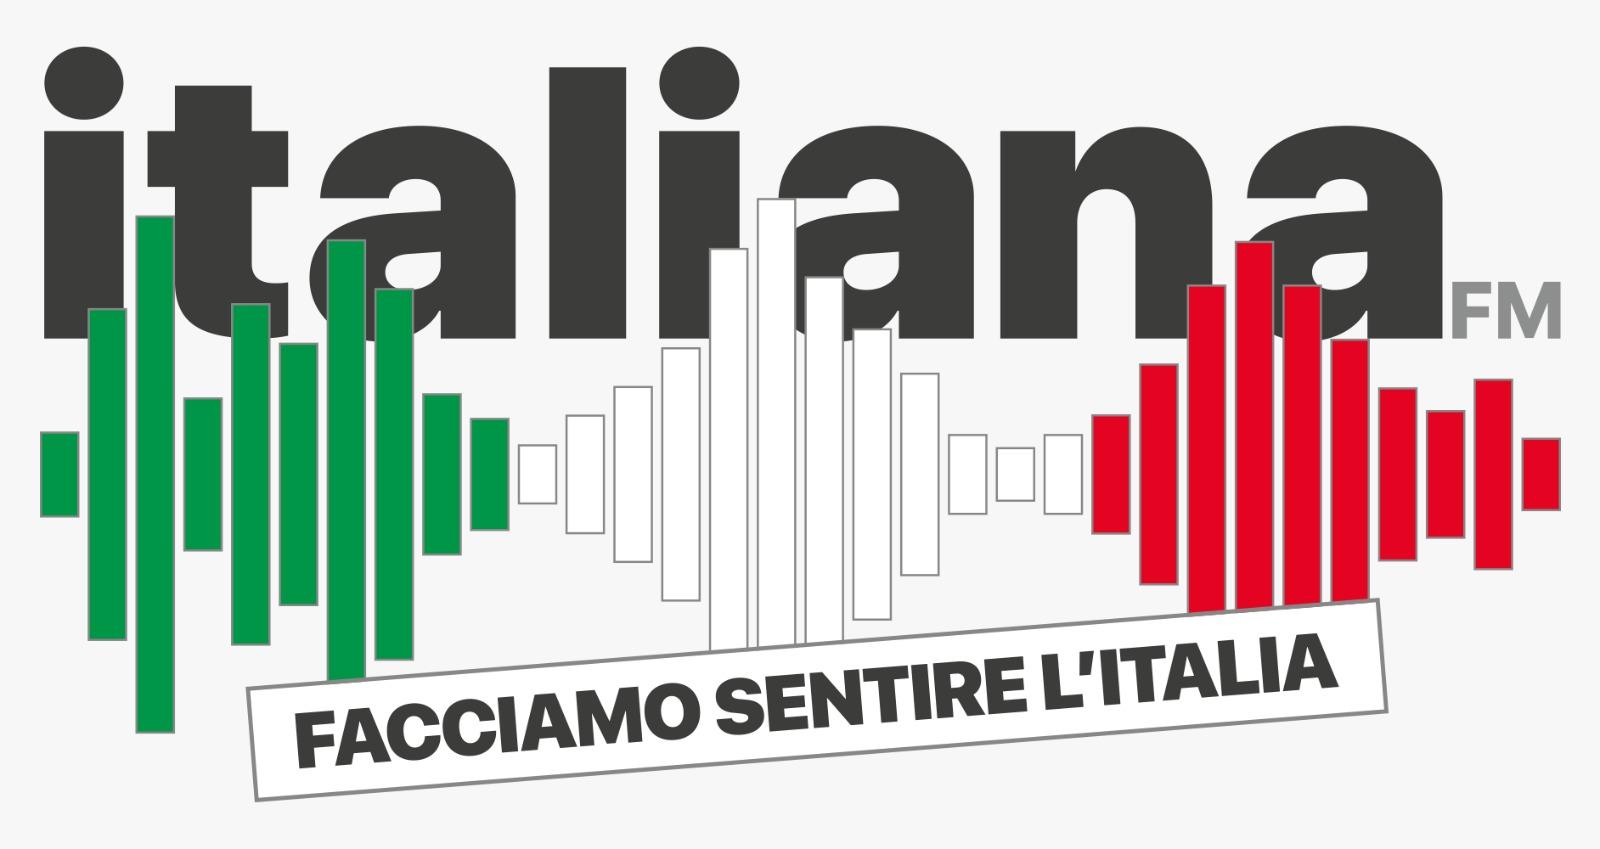 Should I Stay Should I Go: la rubrica radiofonica che parla di italiani all'estero